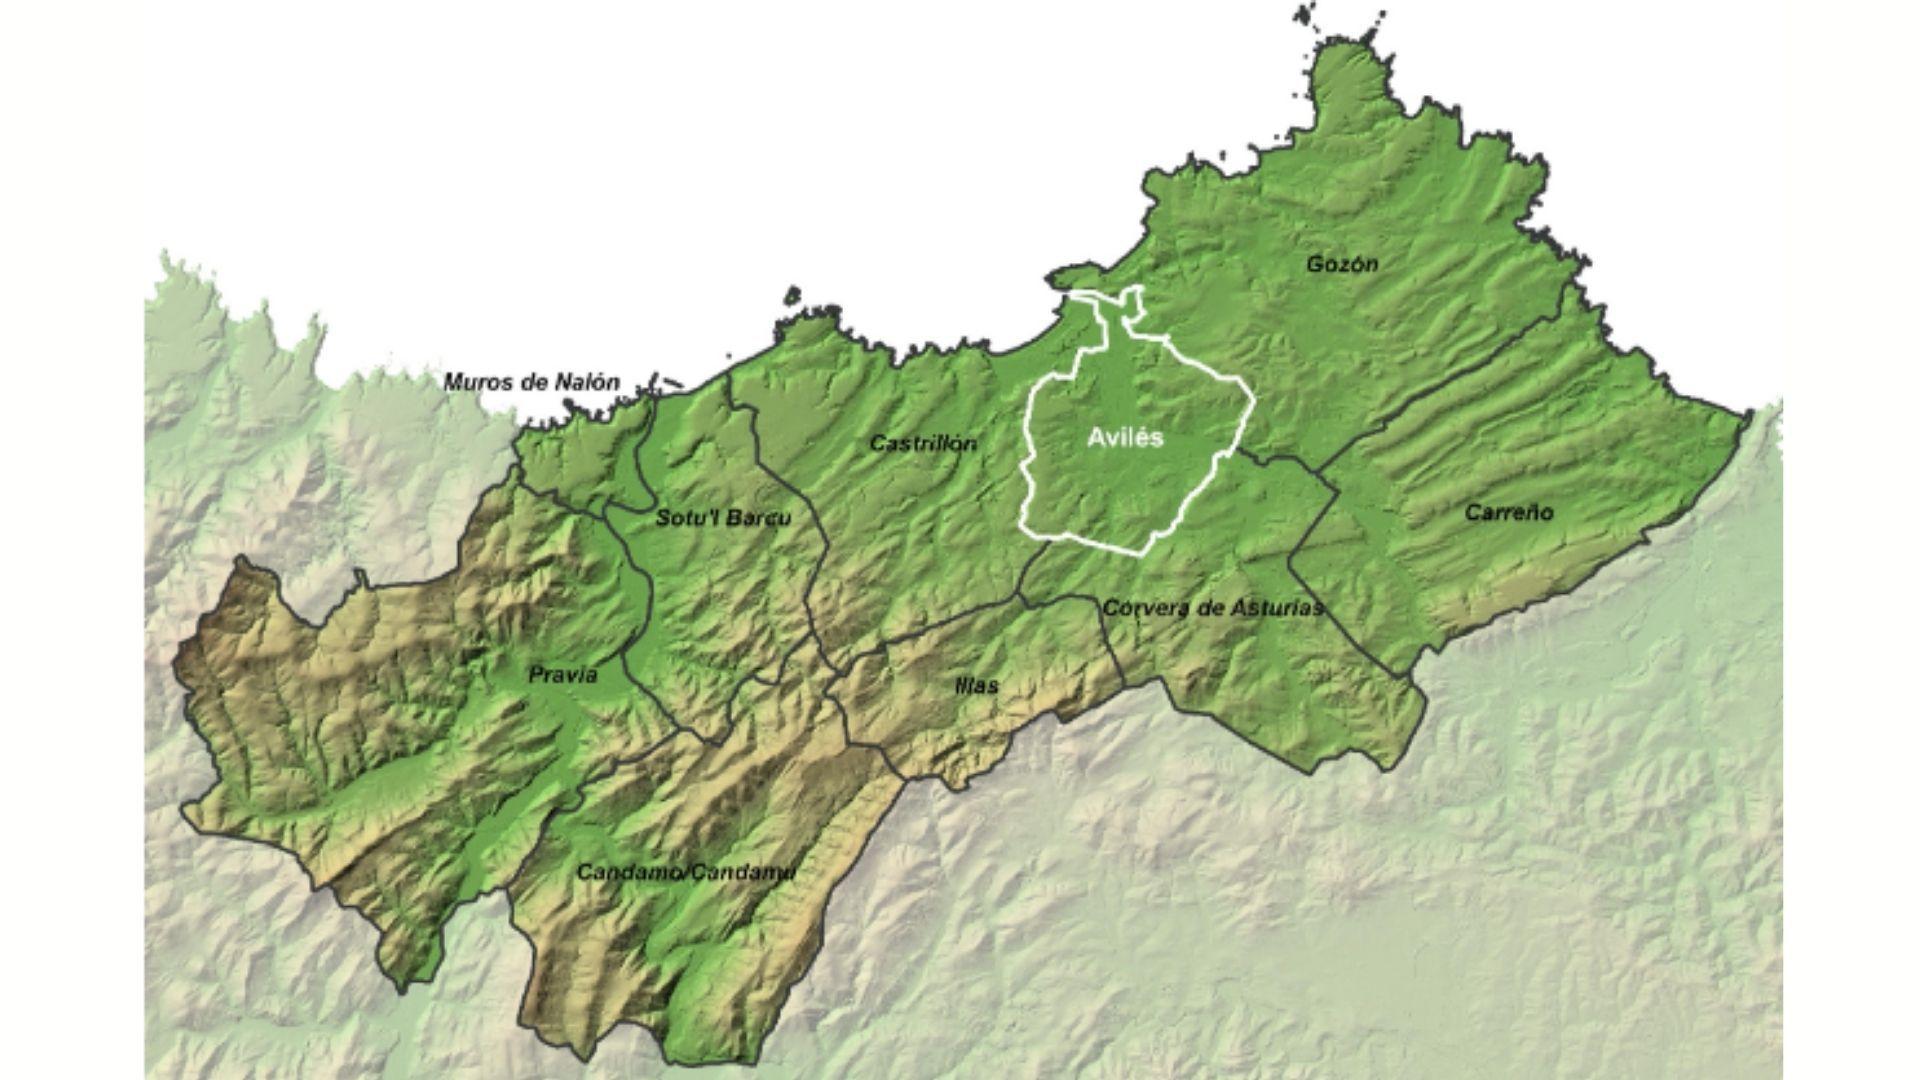 Propuesta de ámbito territorial para la estrategia agroalimentaria de proximidad de Avilés y su comarca